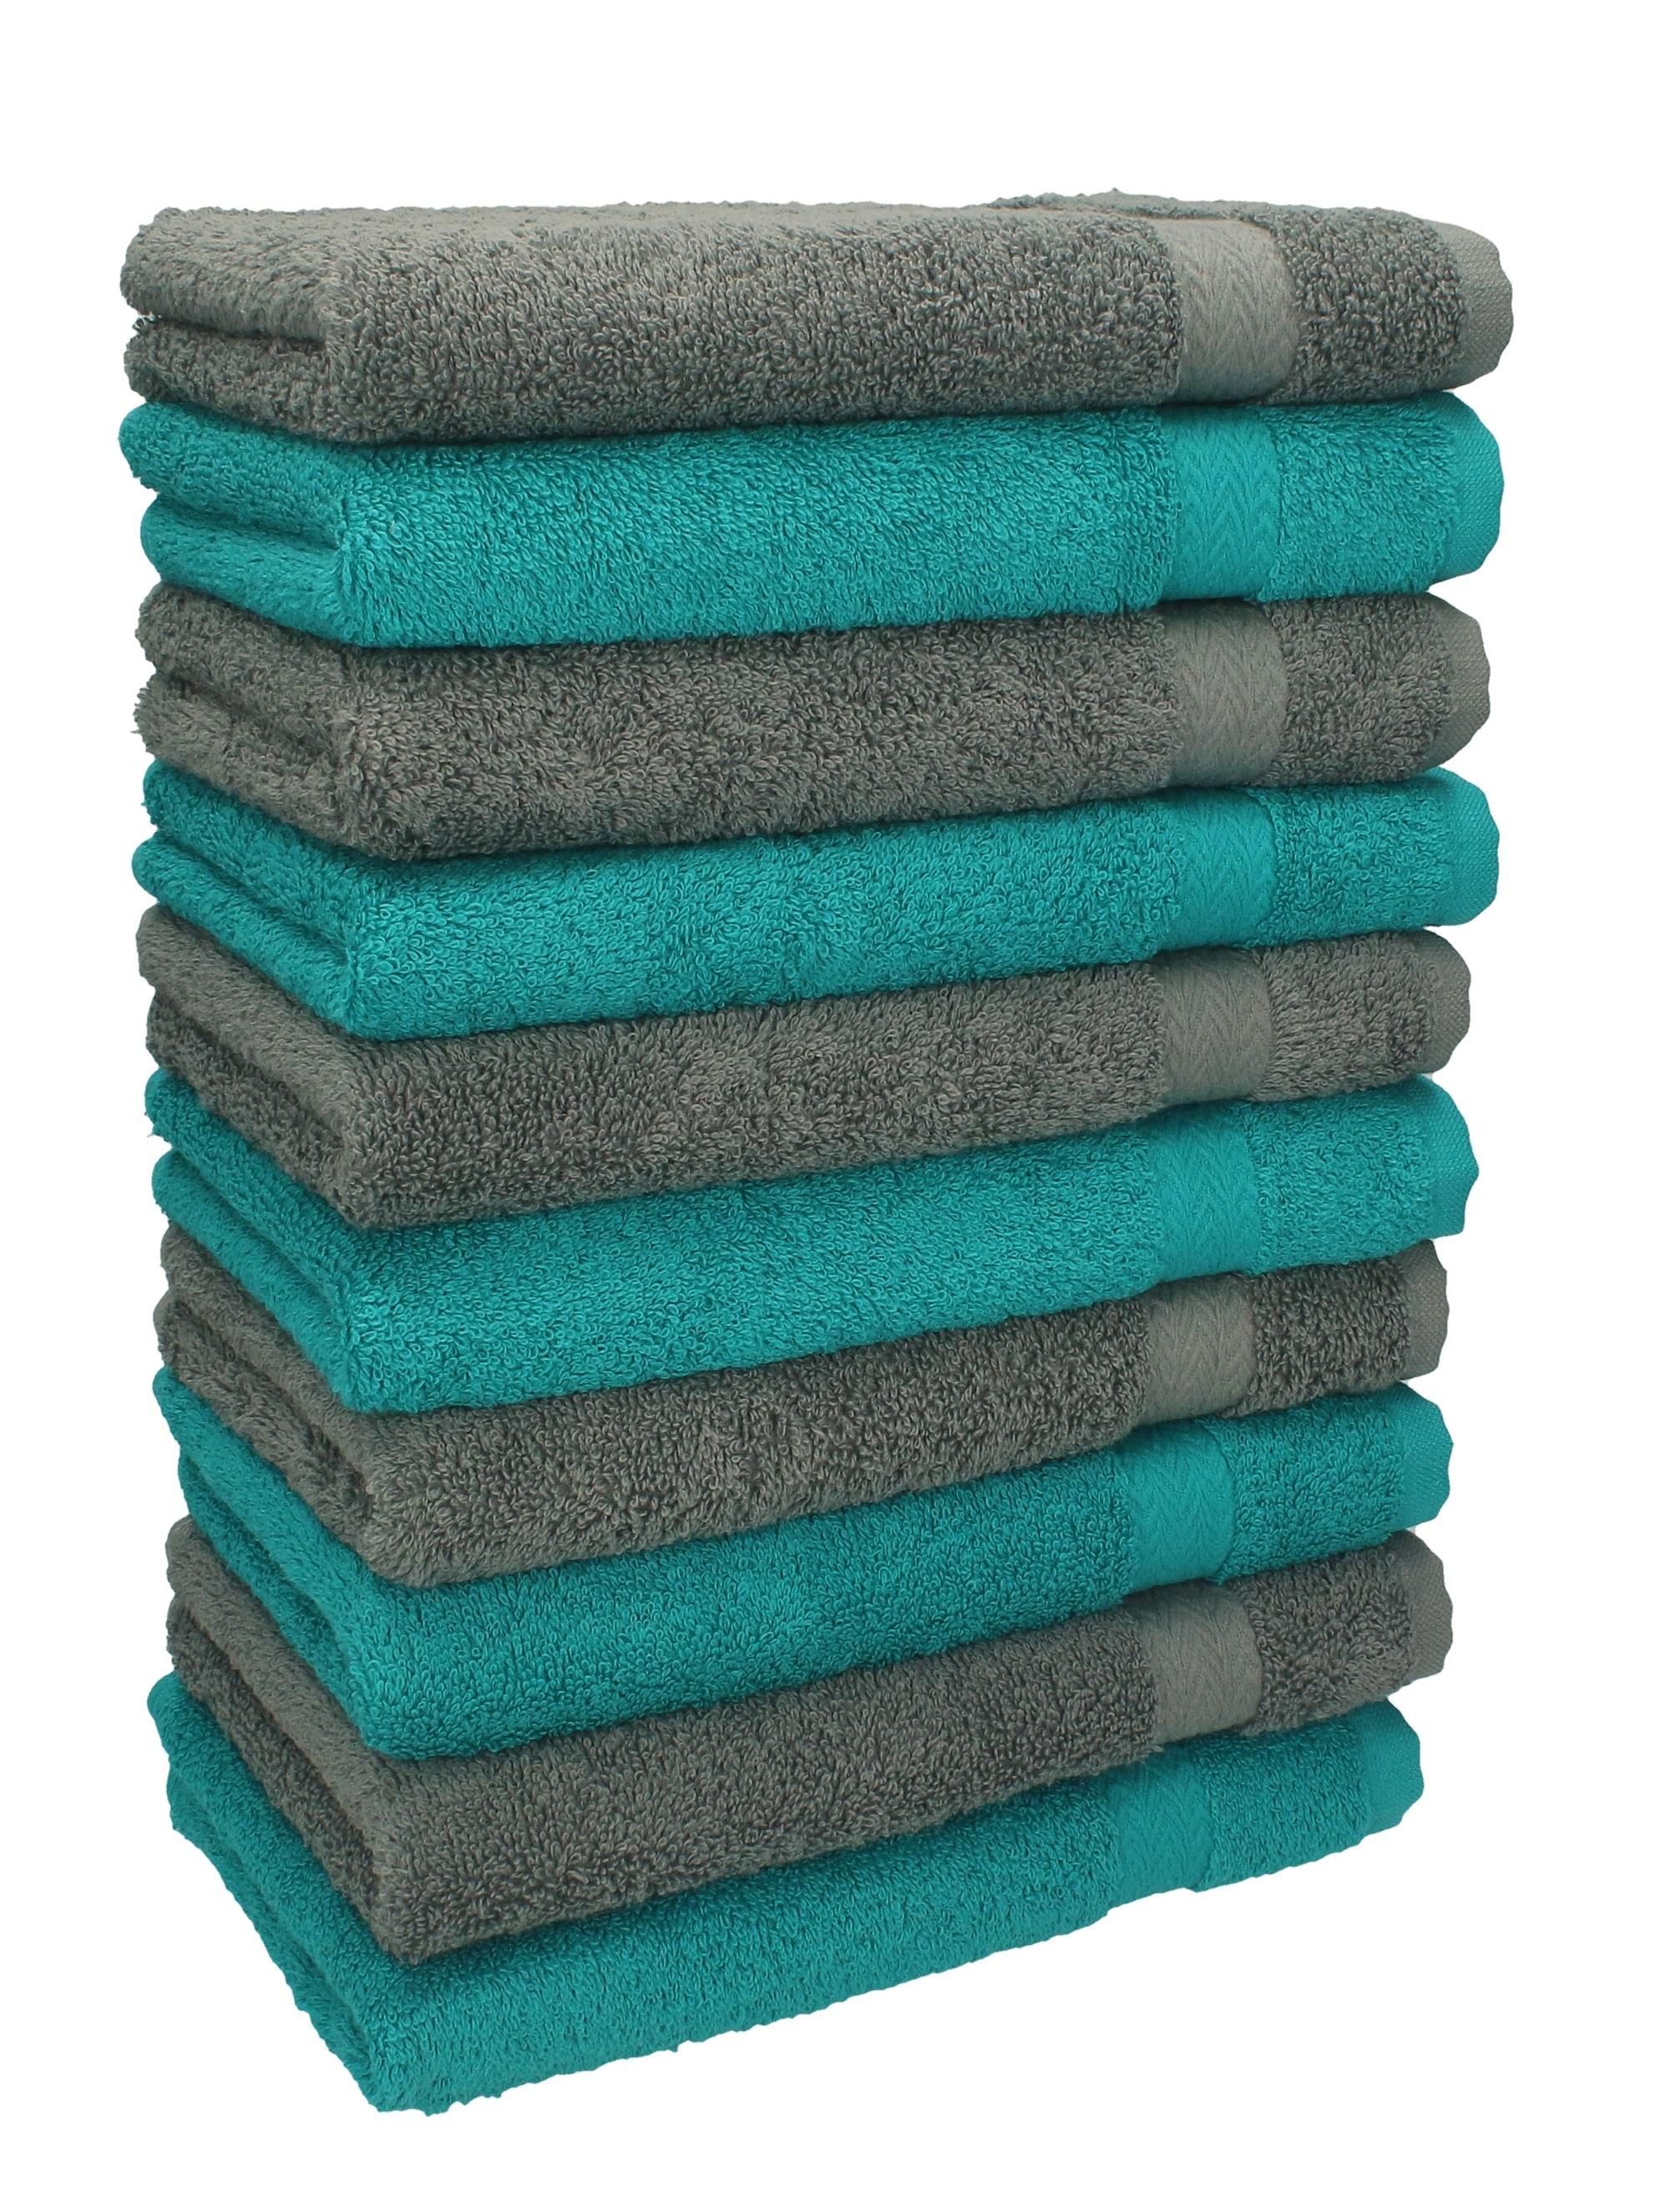 Couleur Vert Emeraude Foncé détails sur betz lot de 10 serviettes débarbouillettes premium vert  émeraude gris anthracite